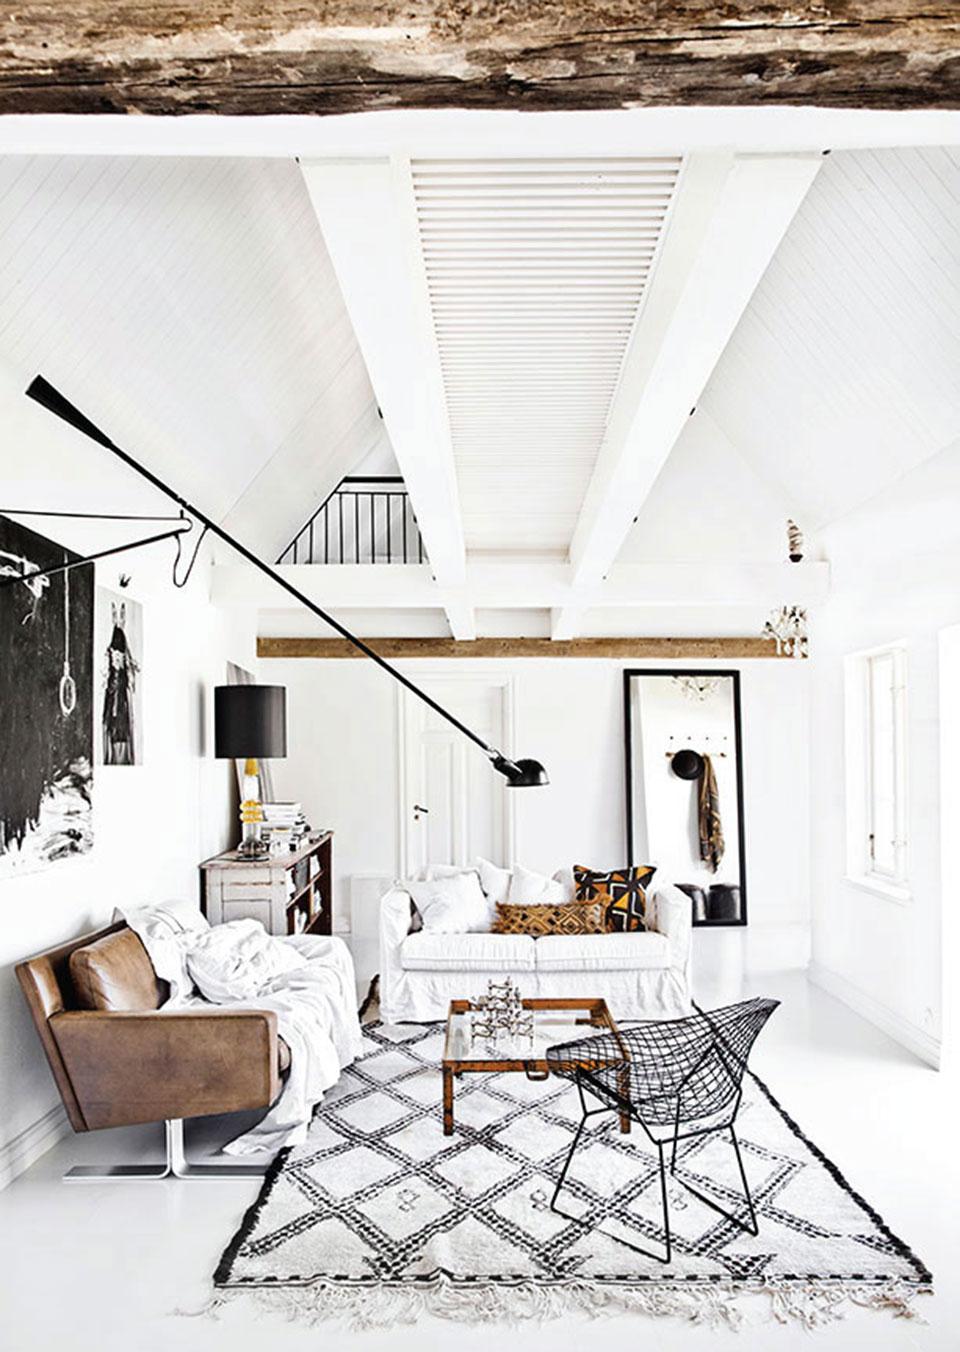 paredes brancas-moveis-aconchego-industrial-luminárias- tapetes-decoração1